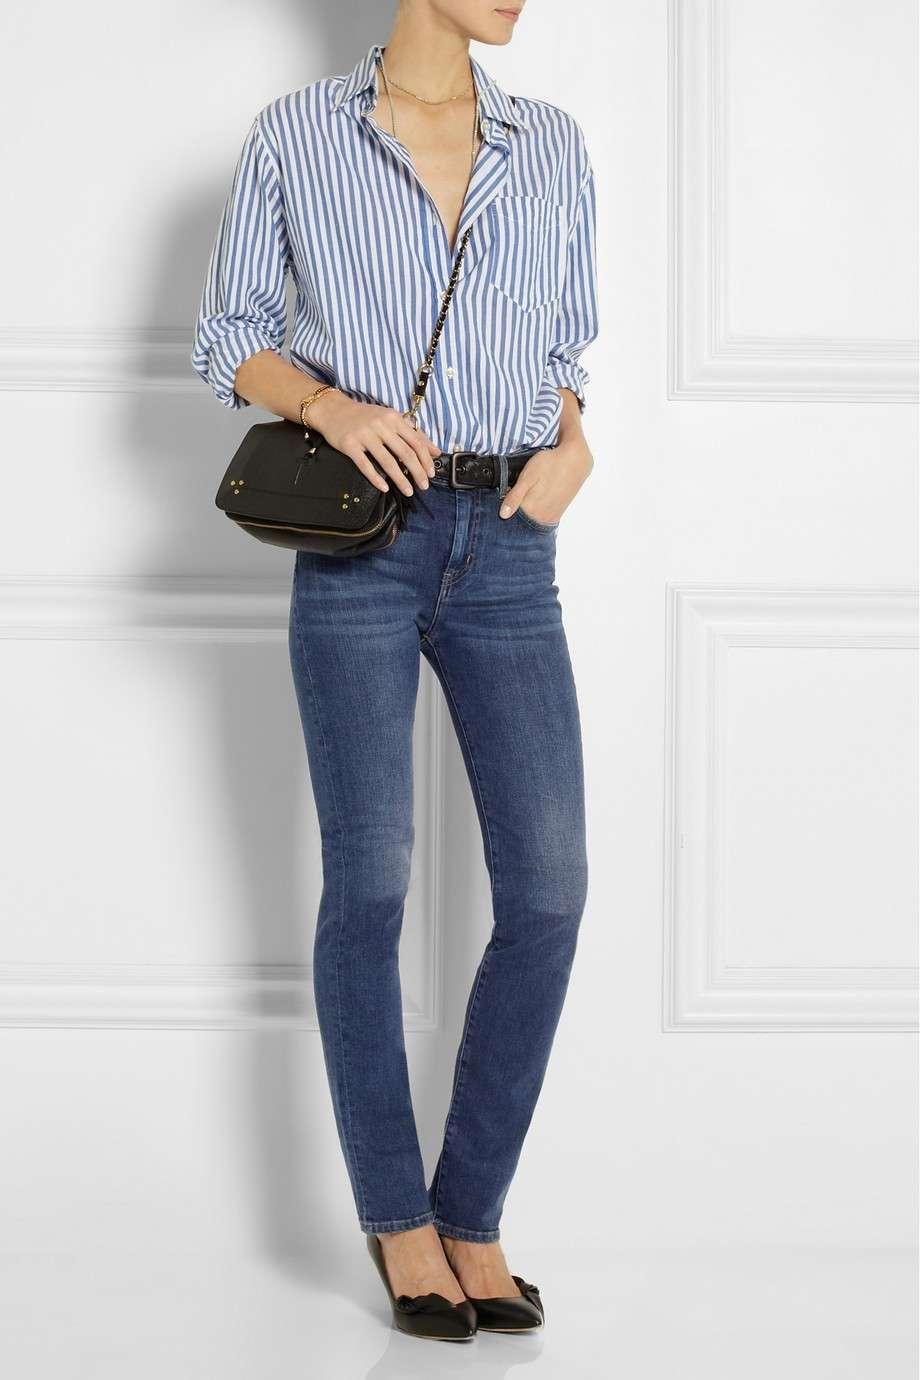 Pantaloni a vita alta e camicia